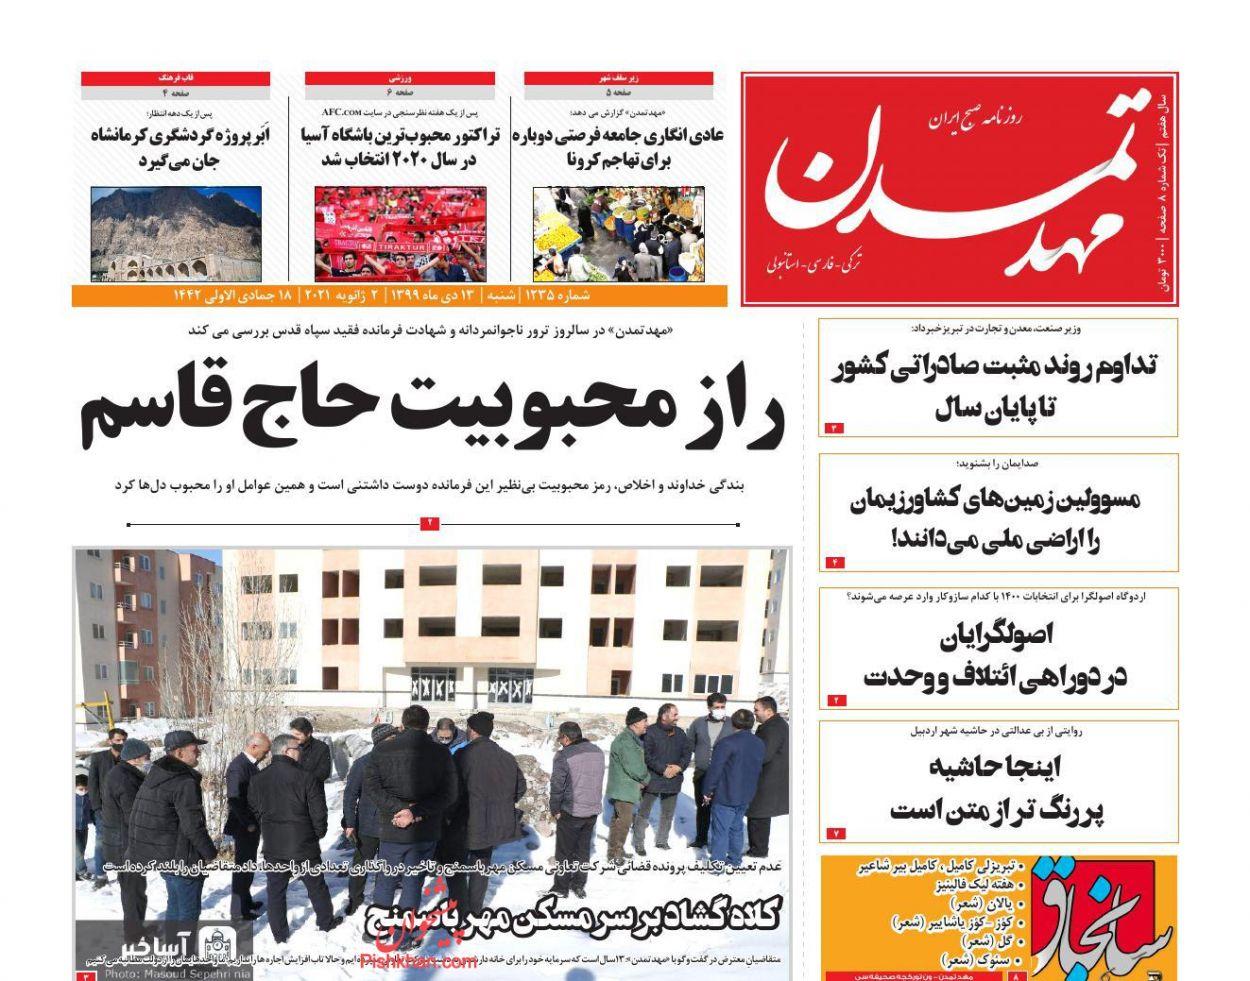 عناوین اخبار روزنامه مهد تمدن در روز شنبه ۱۳ دی